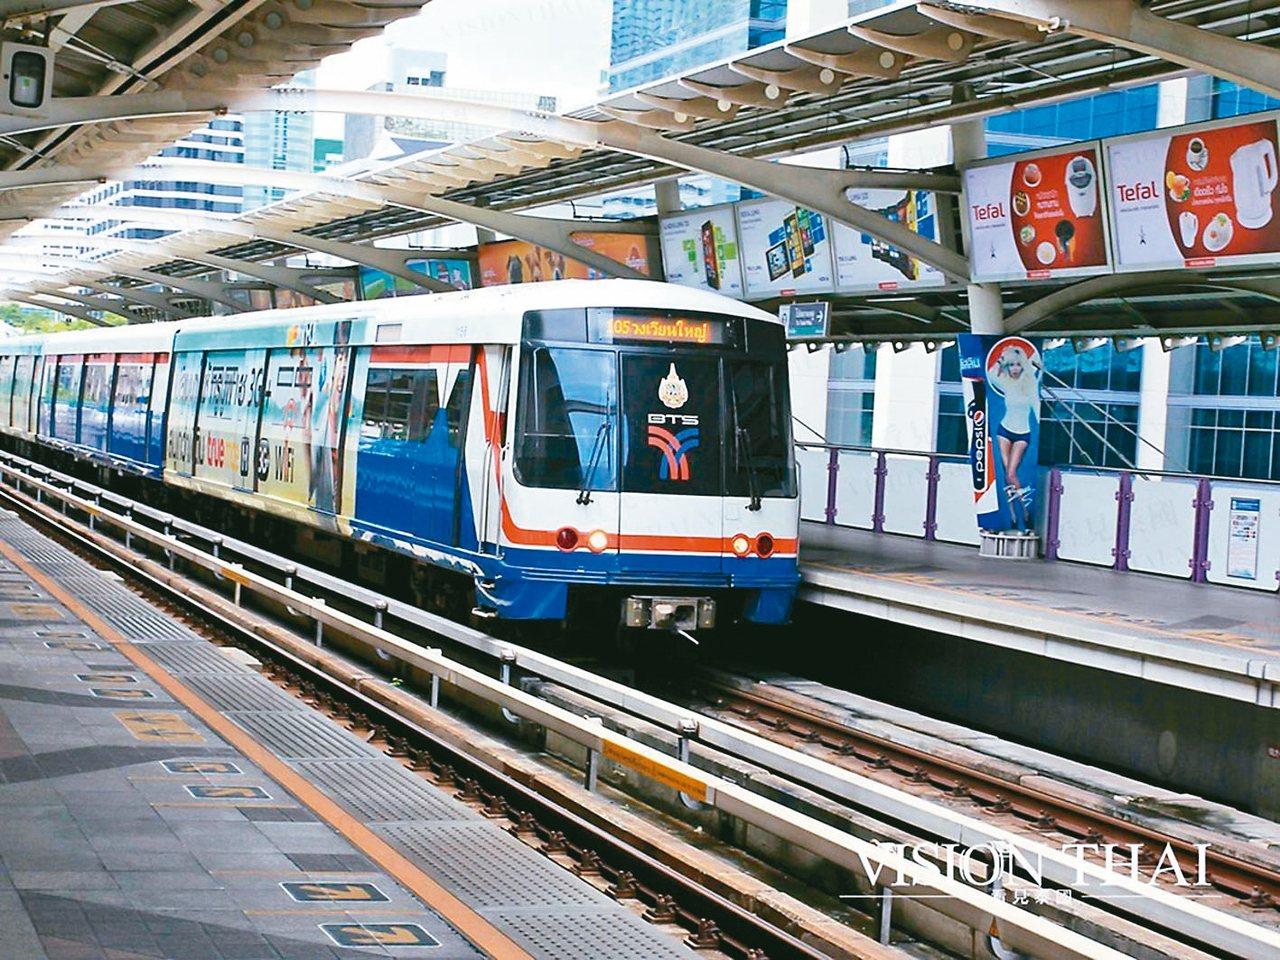 泰國曼谷的邦蘇特區(Bang sue)預計五年內將成為東協主要交通樞紐,更是泛亞...